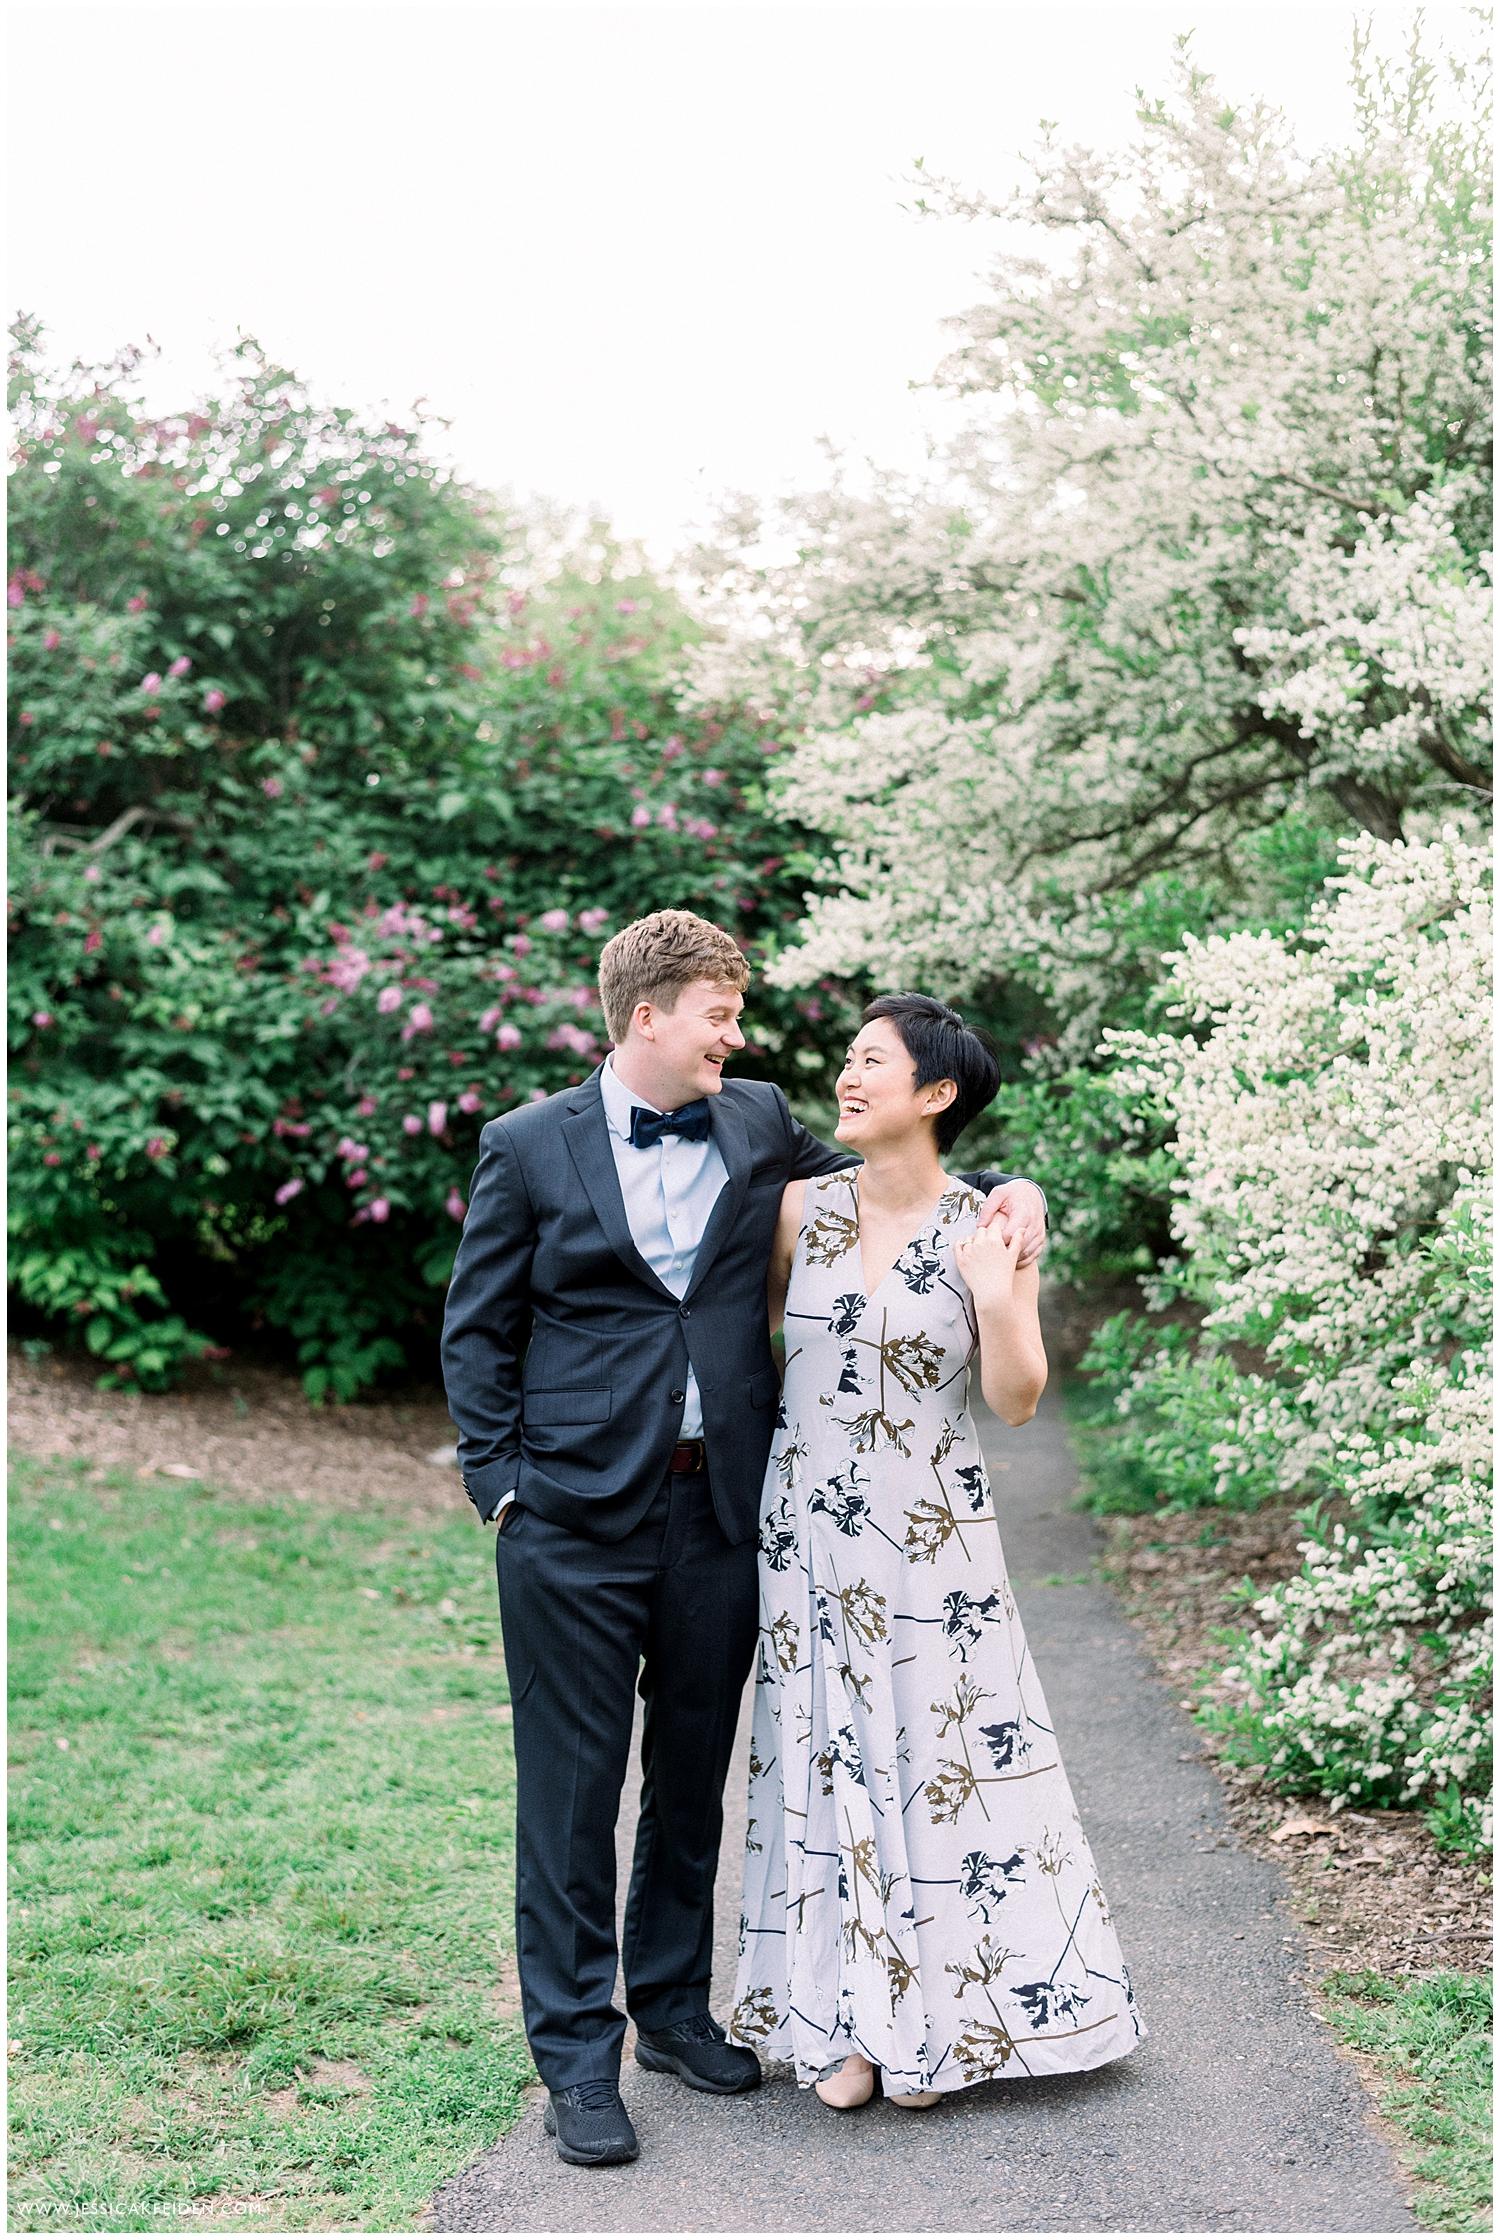 Jessica K Feiden Photography_Arnold Arboretum Boston Spring Engagement Session_0014.jpg